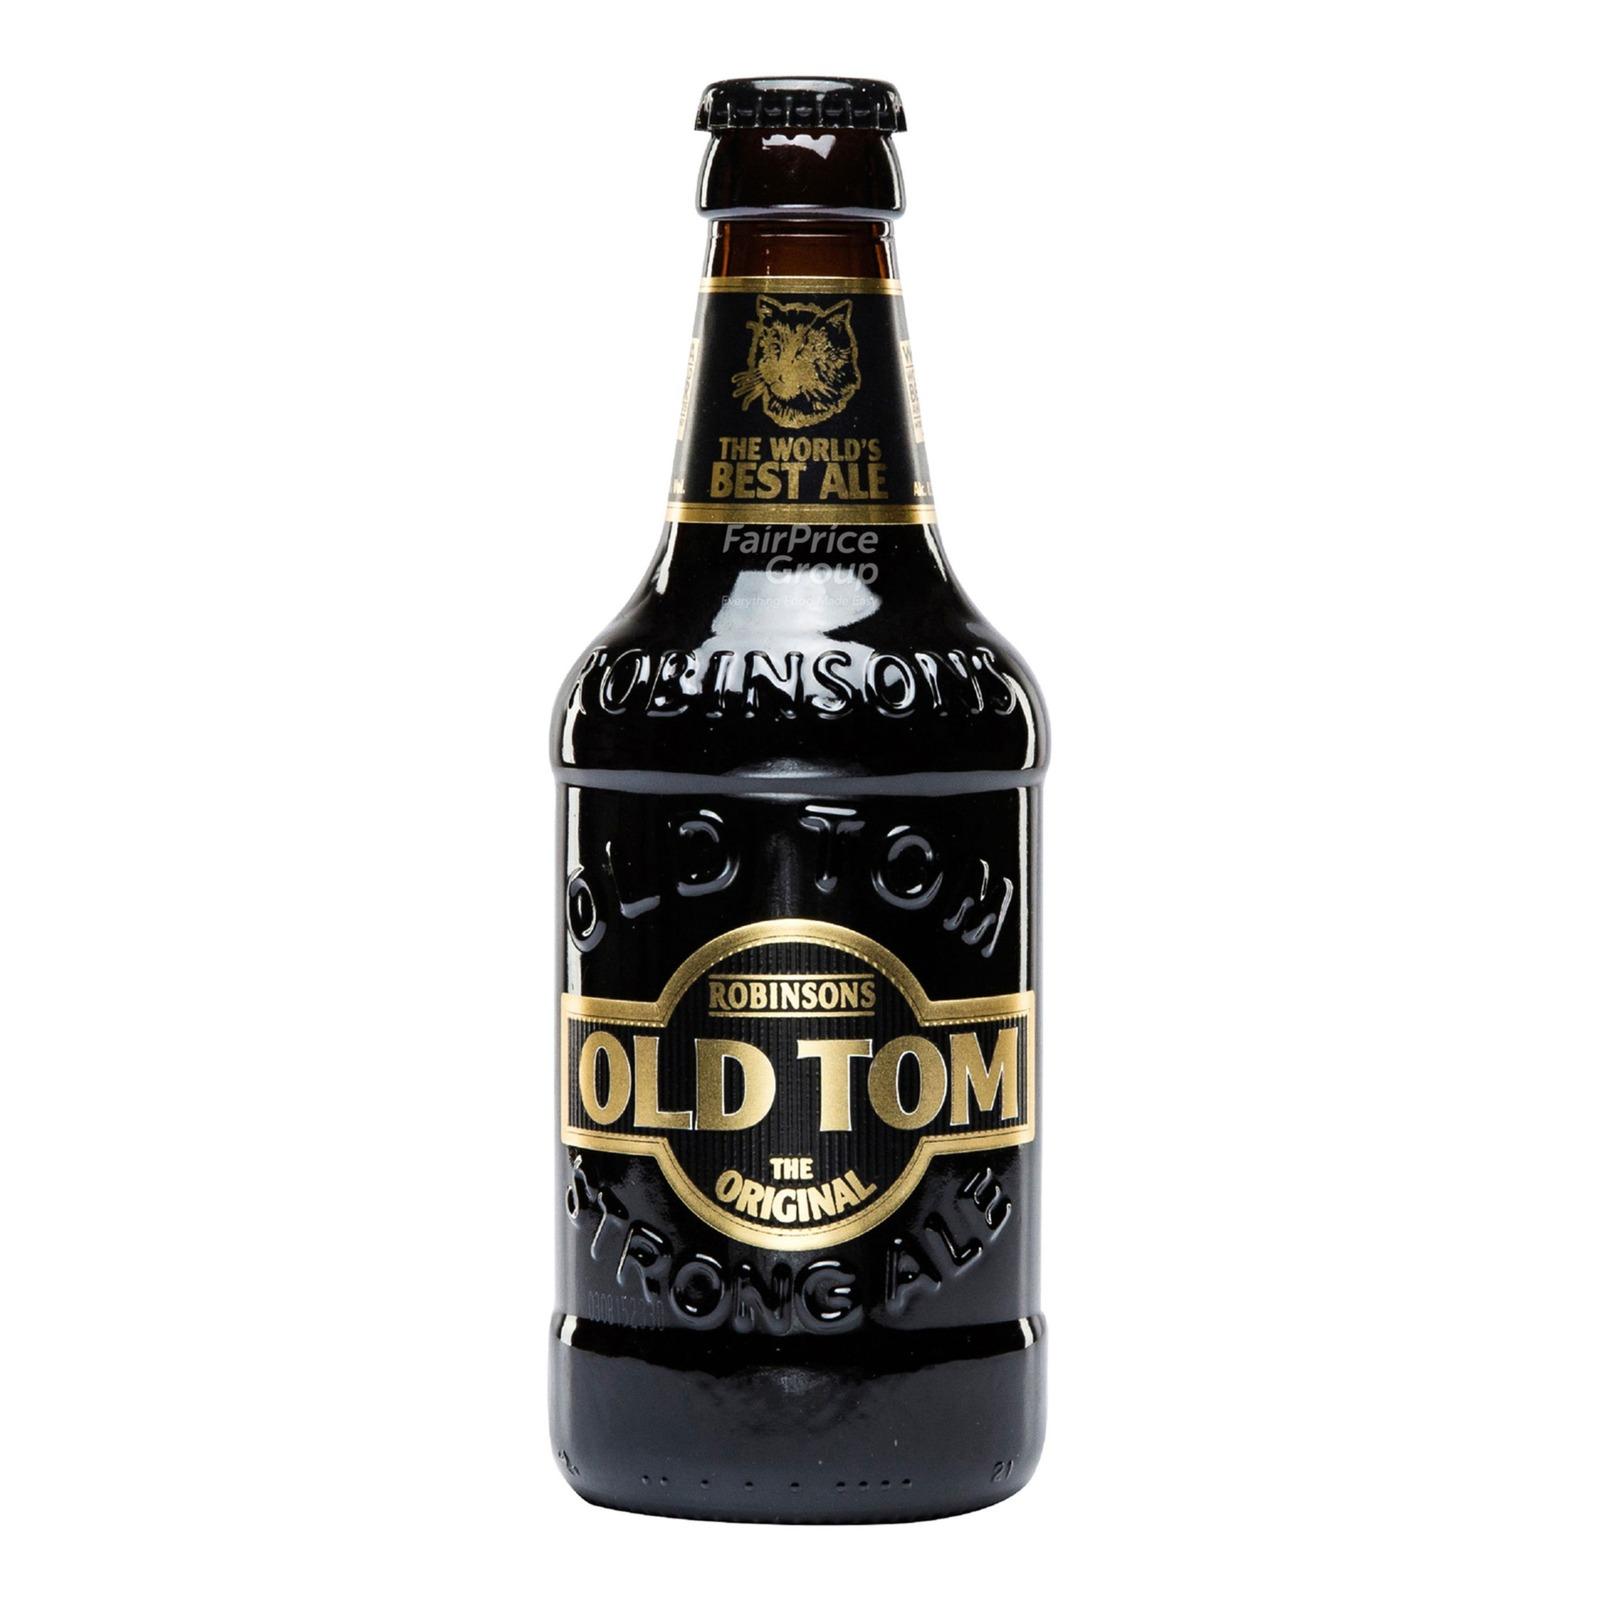 Robinsons Bottle Beer - Old Tom